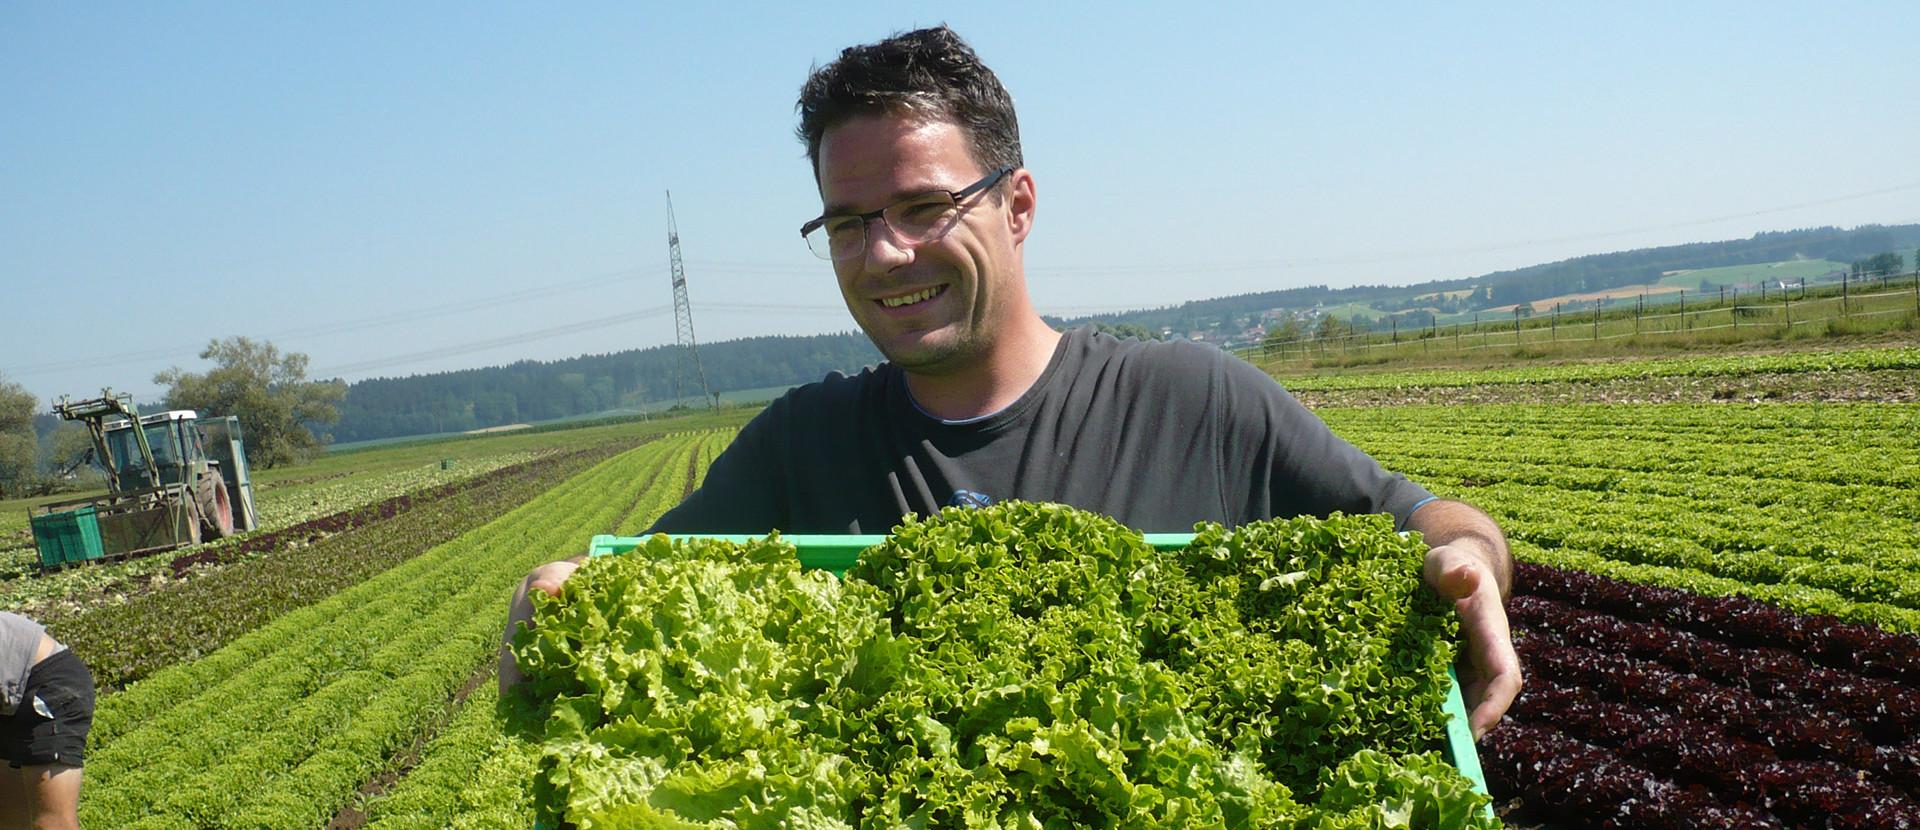 Herr Stockner mit einer Kiste Salat